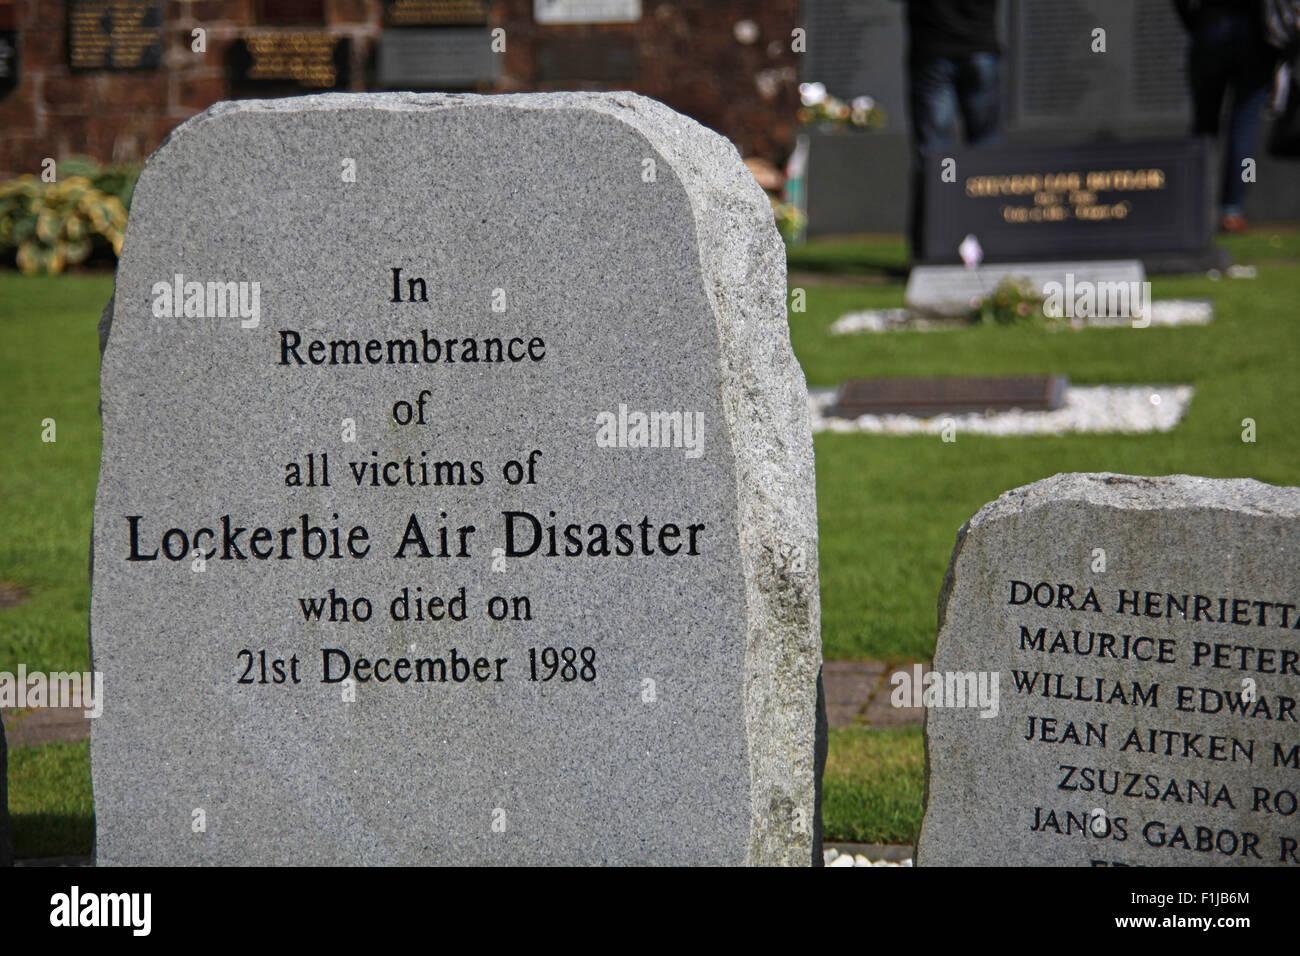 Laden Sie dieses Alamy Stockfoto Lockerbie PanAm103 In Erinnerung Memorial Stone, Schottland, Großbritannien - F1JB6M